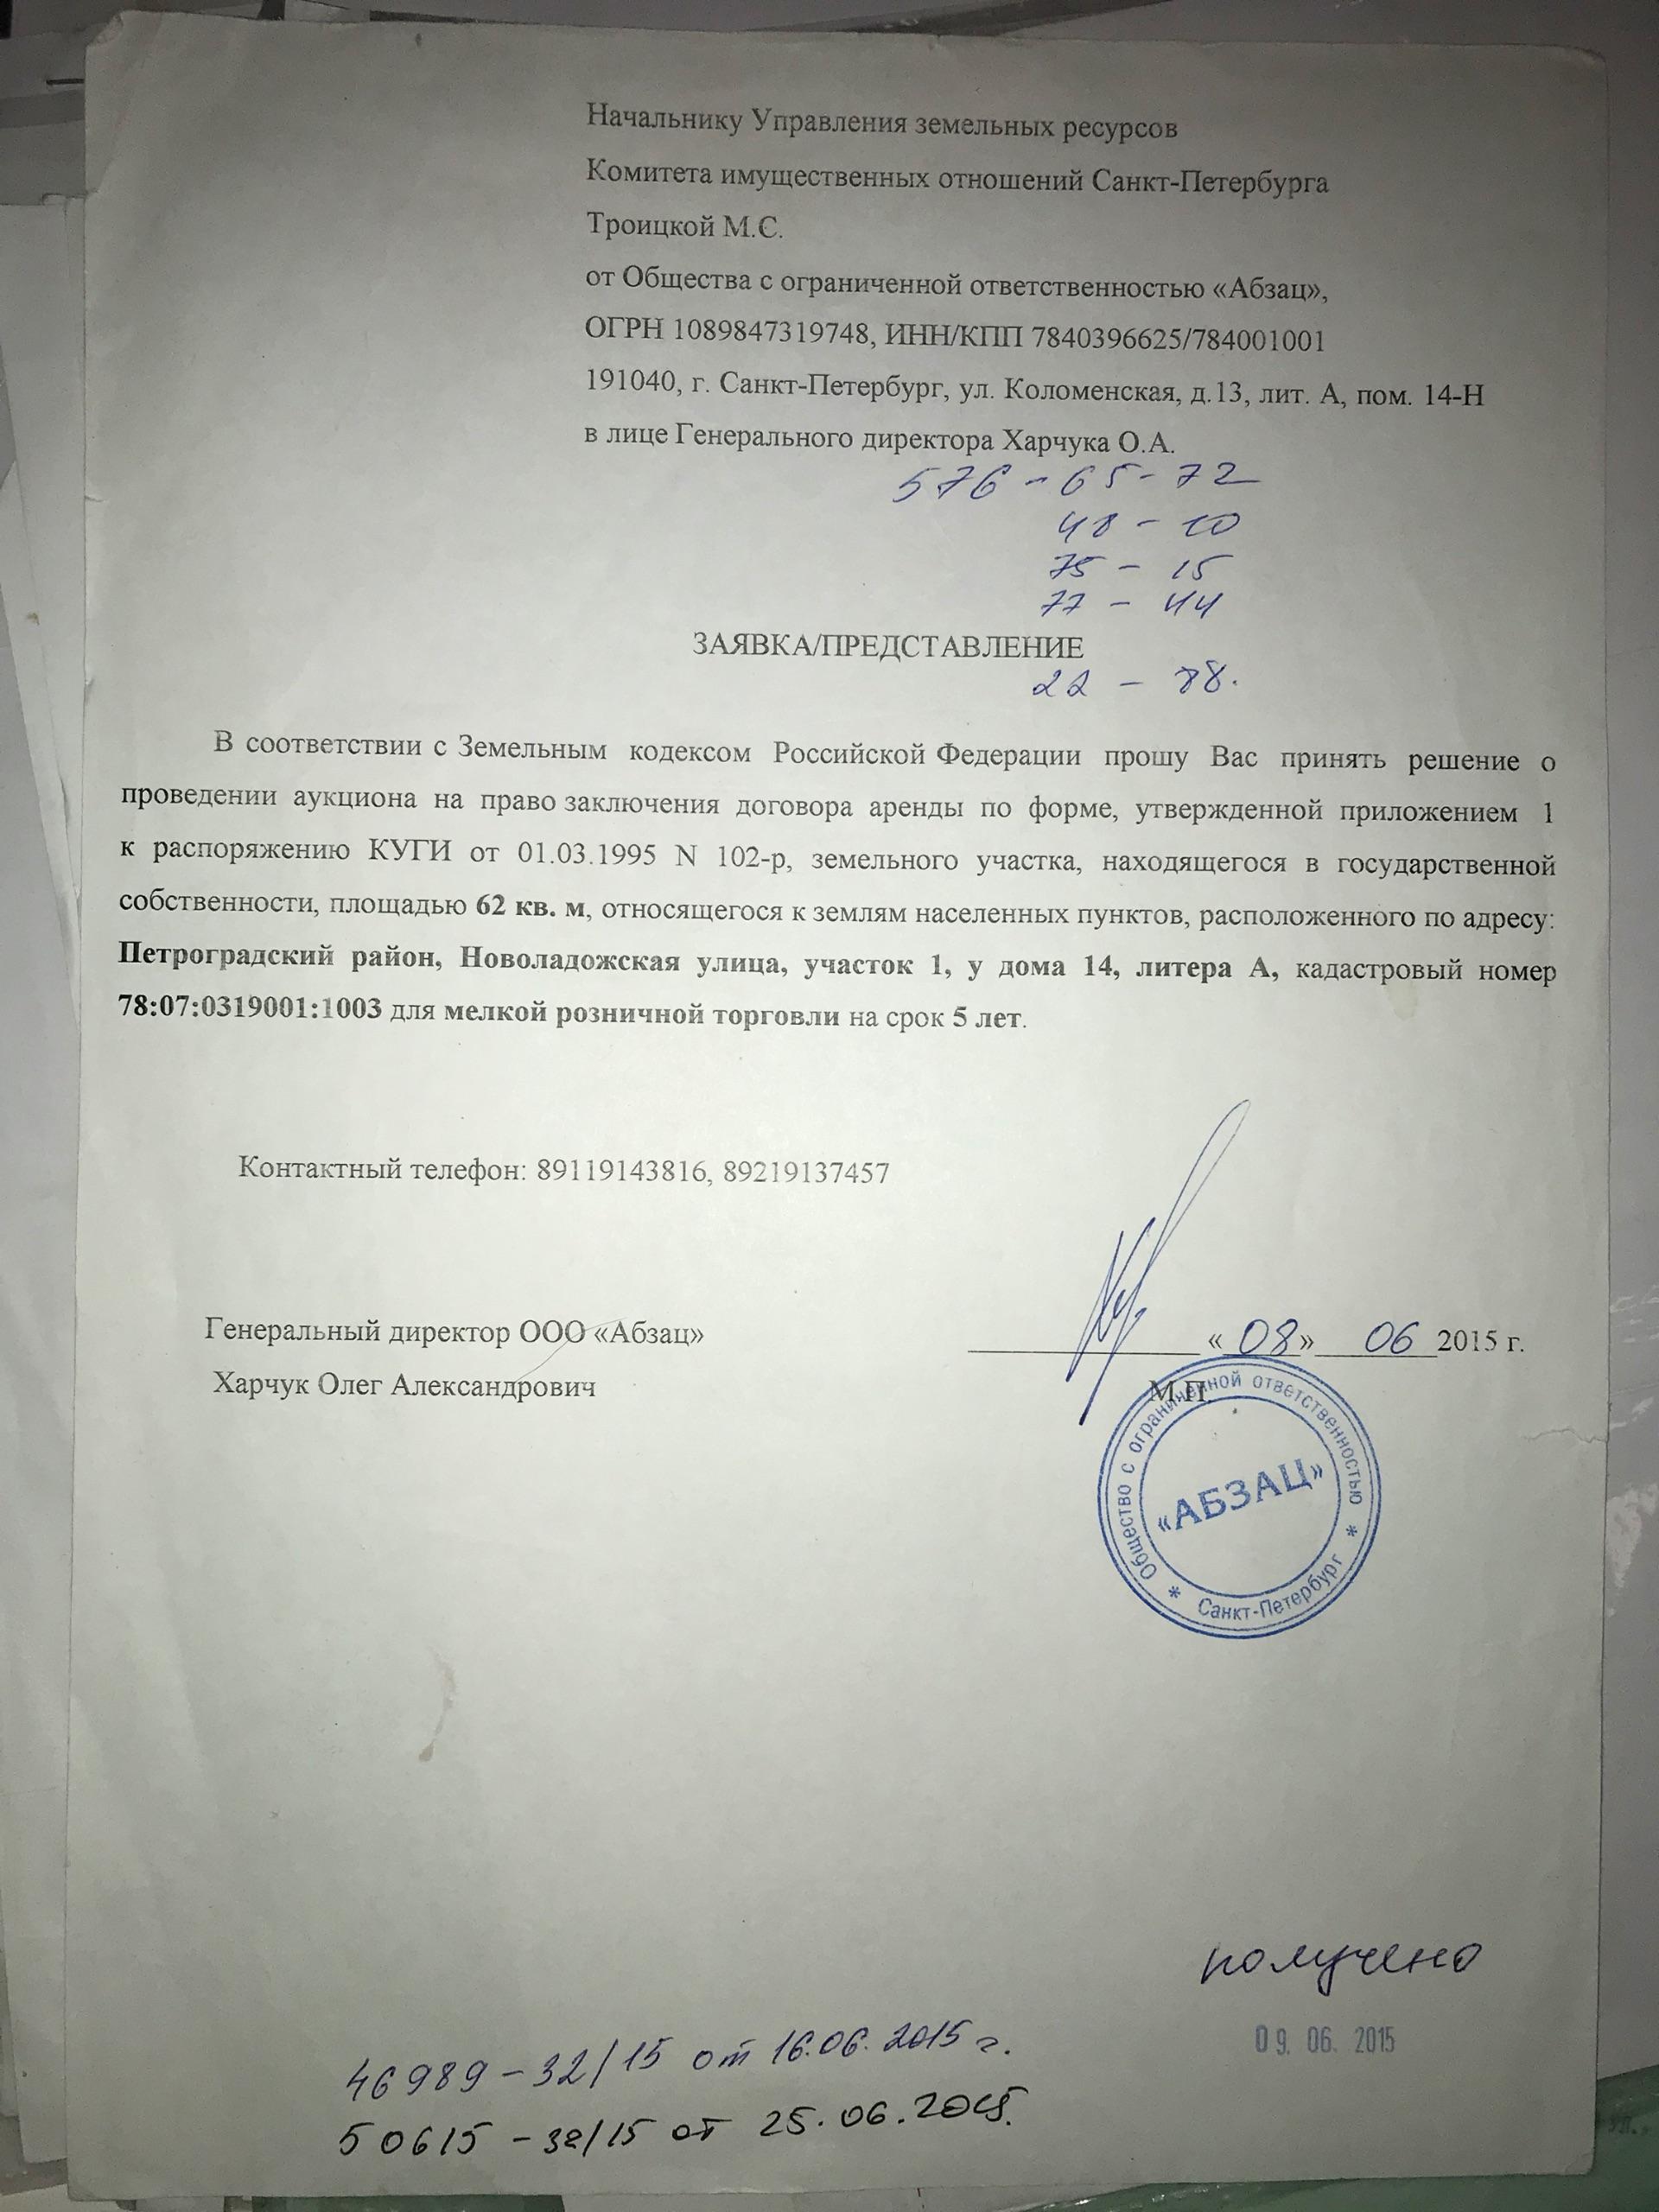 Заявка Компании ООО АБЗАЦ, инициирующая аукцион по Участку в КИОСПБ в 2015 году